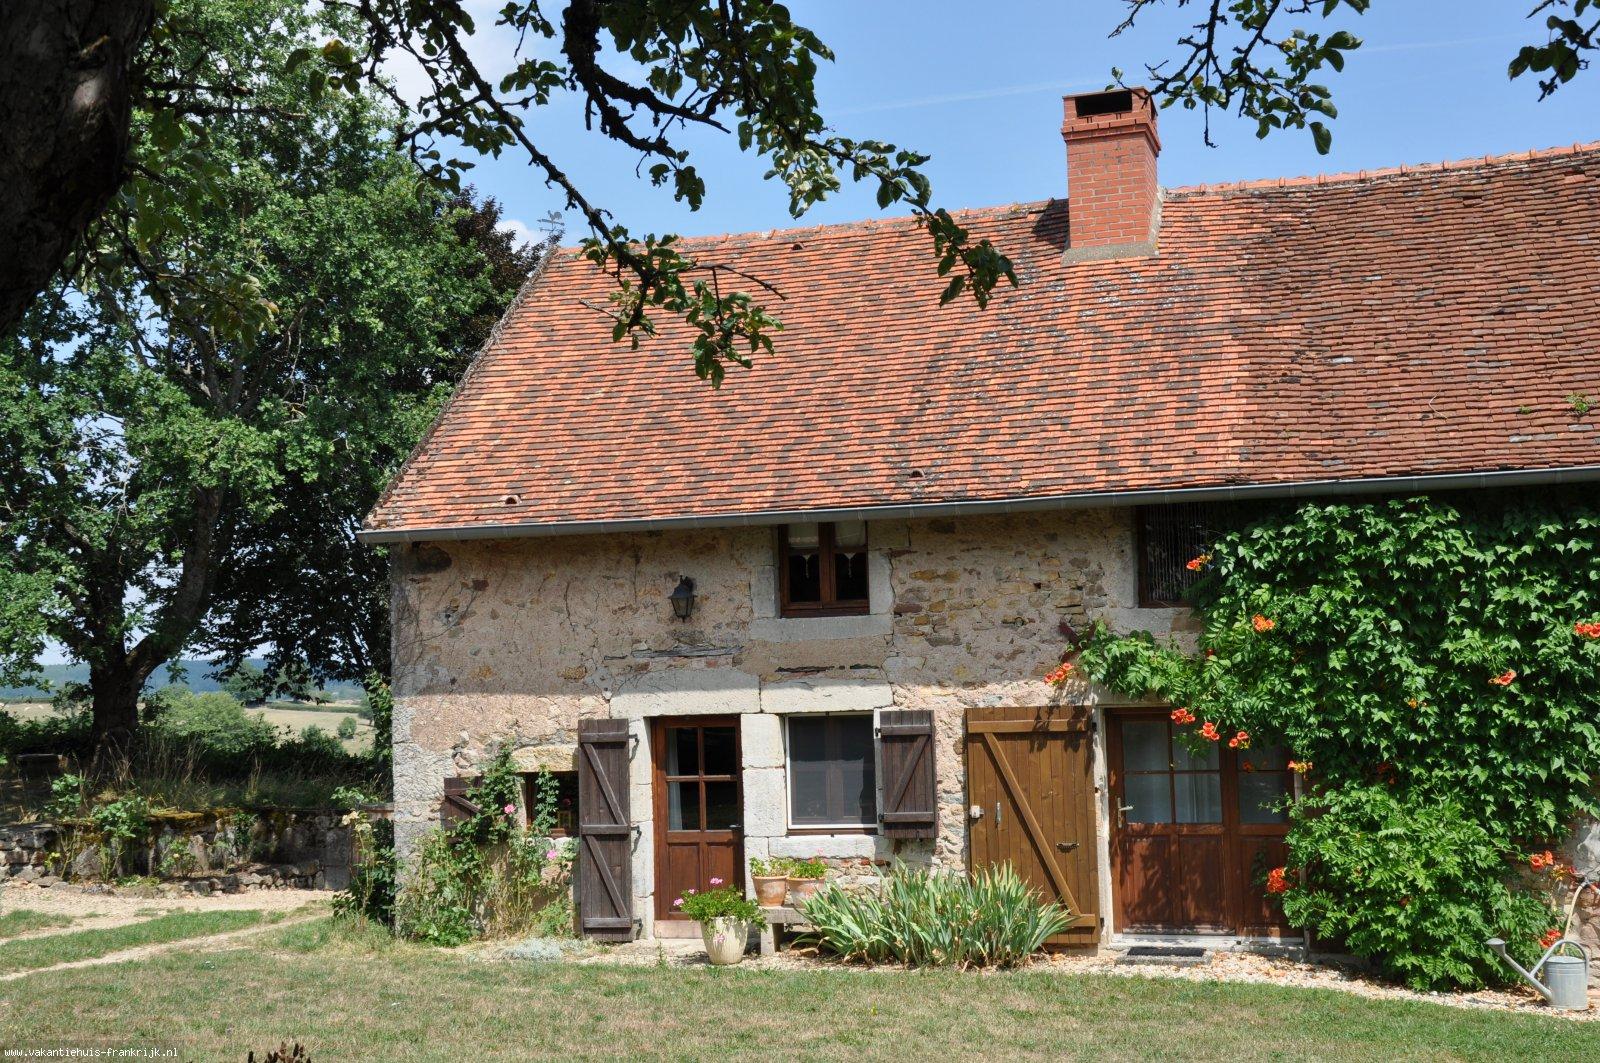 Vakantiehuis: Bourgogne: romantisch en comfortabel vakantiehuisje 'en campagne' te huur voor uw vakantie in Saone et Loire (Frankrijk)